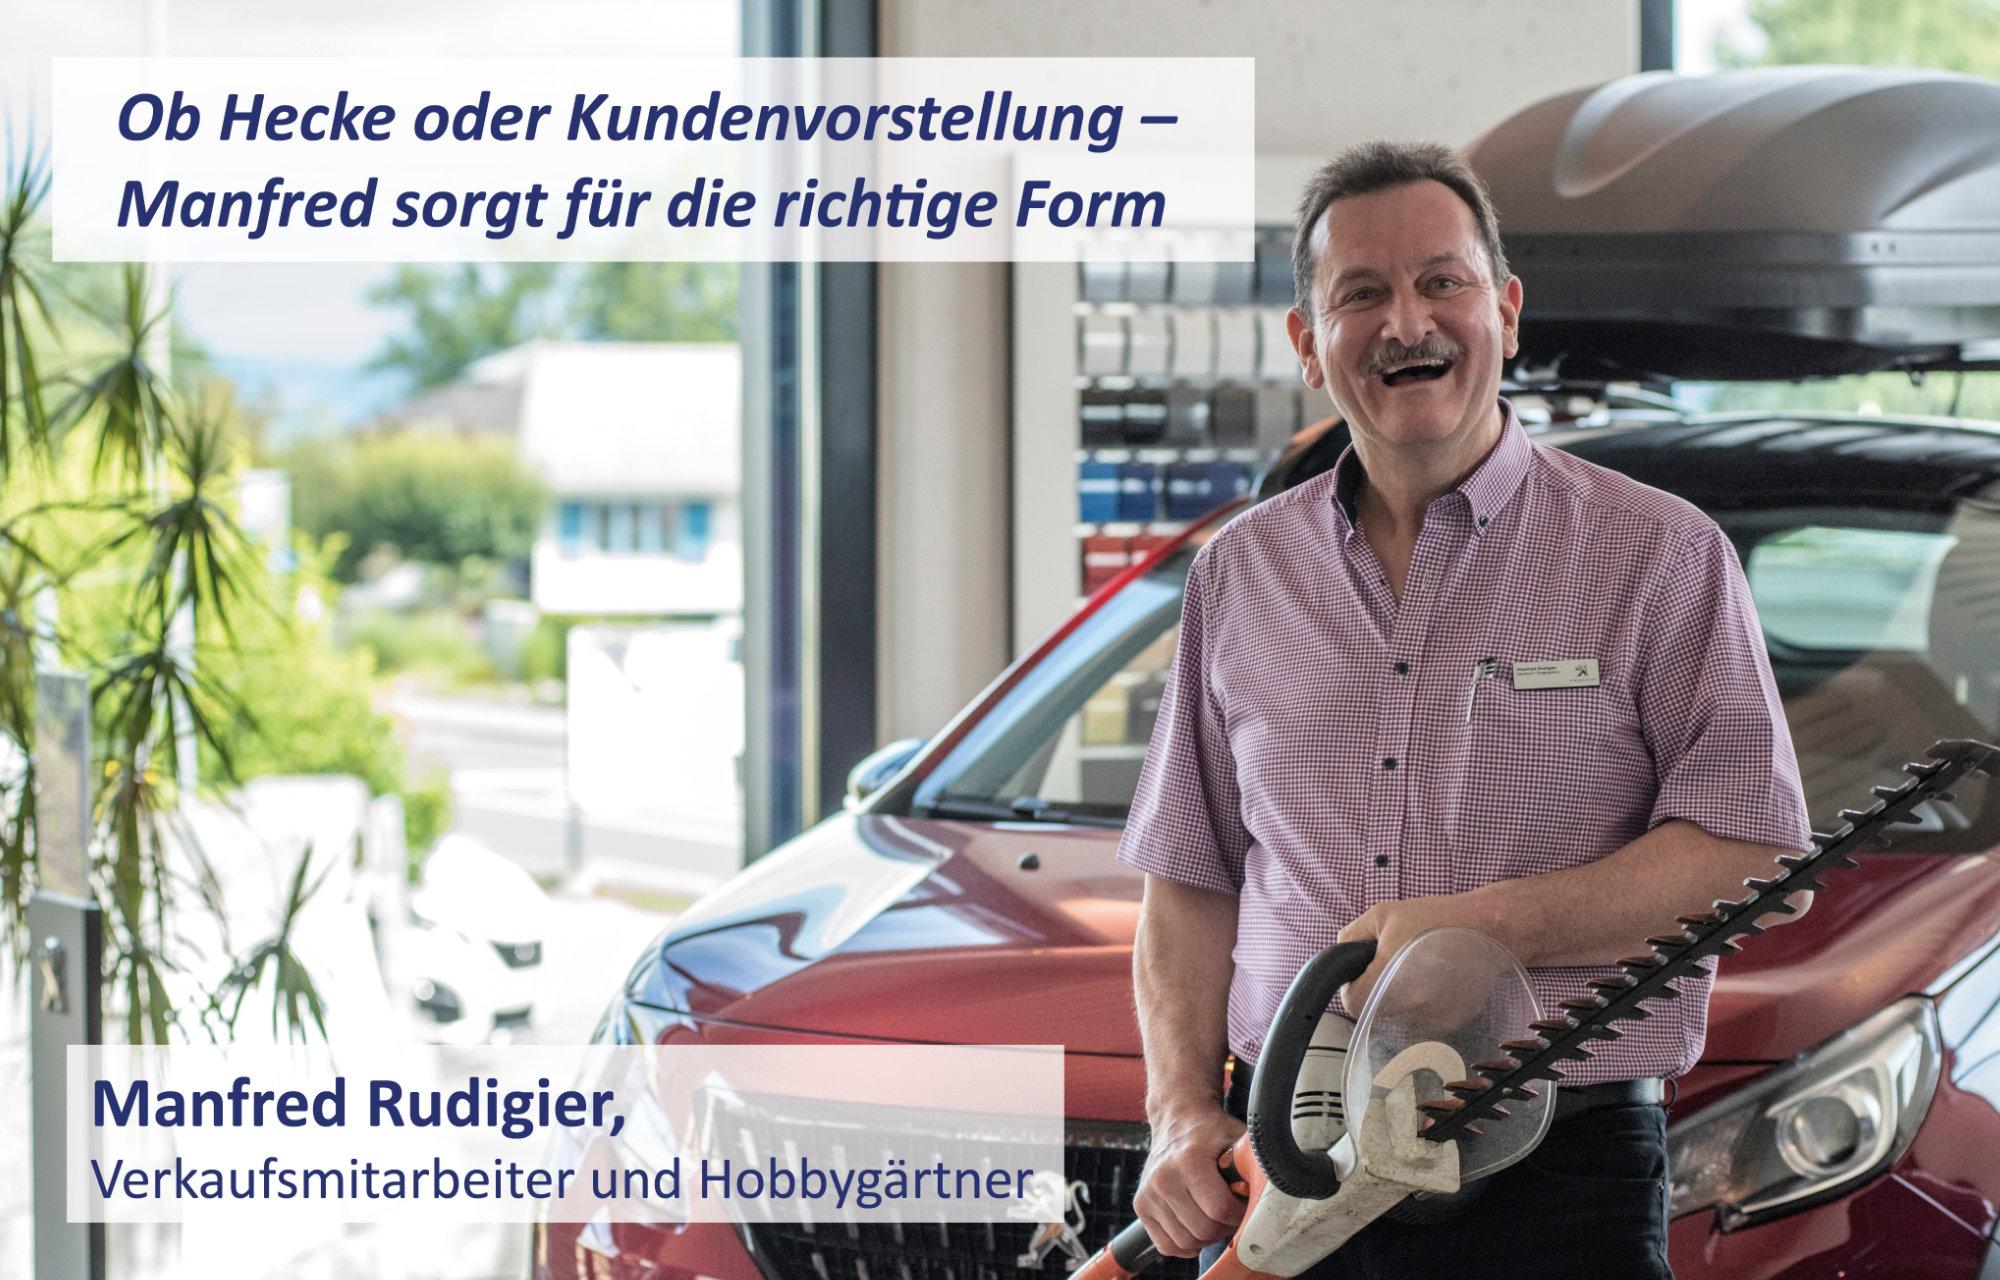 Manfred Rudigier